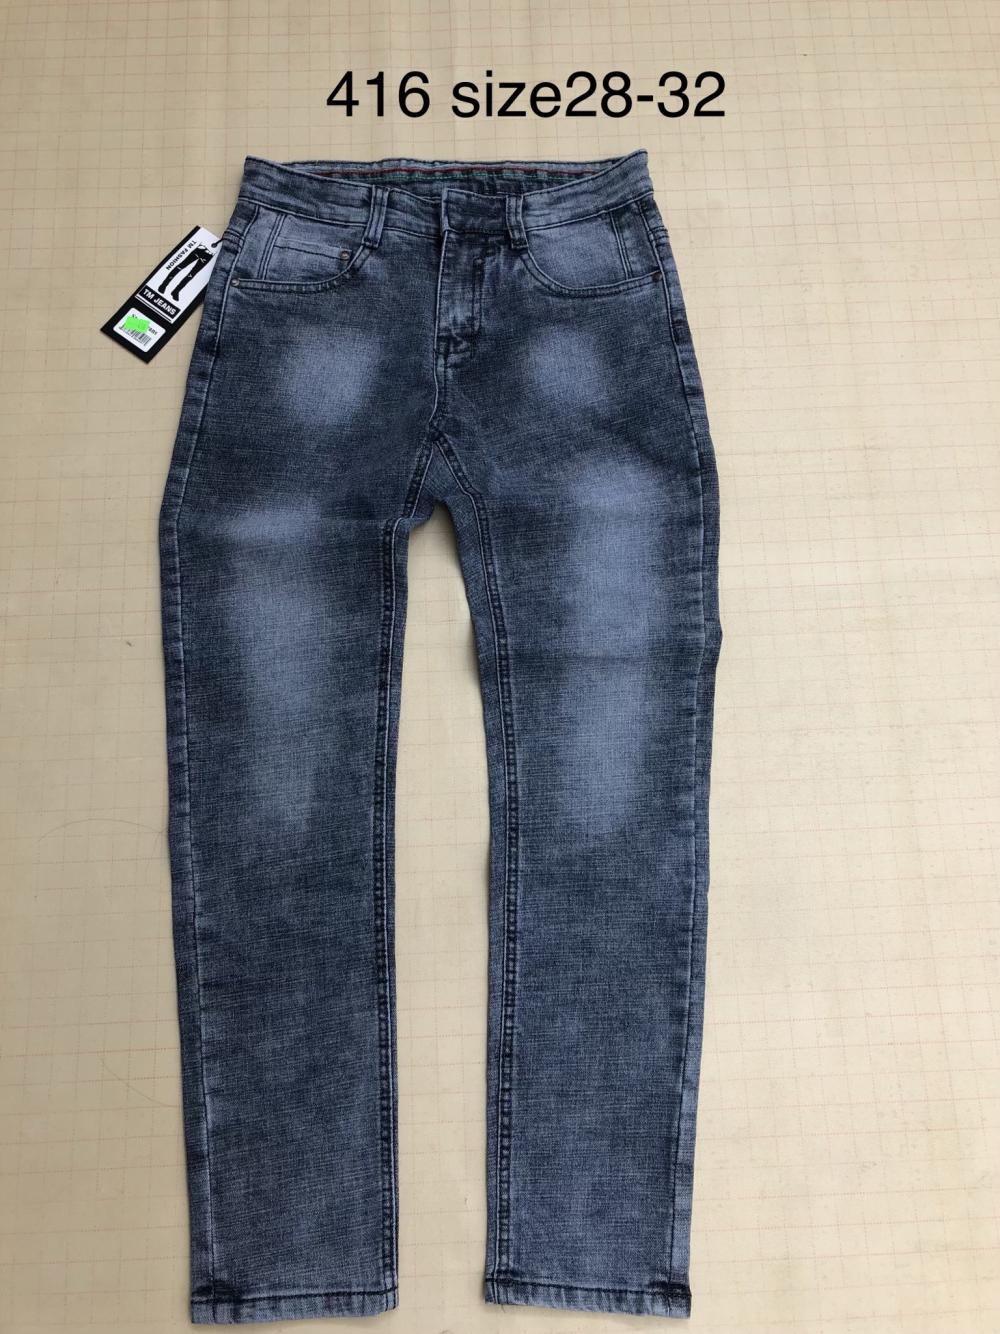 Quần jean nam dài 416